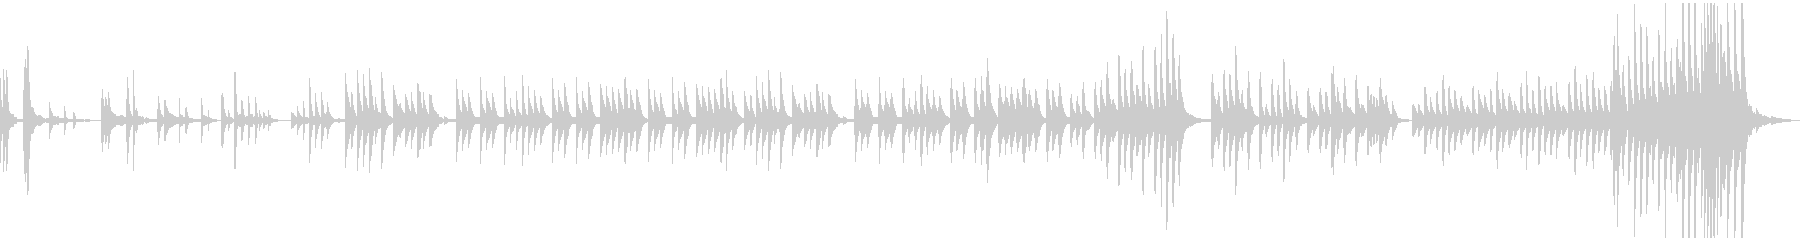 ゆっくり、せつない感じのピアノBGMの未再生の波形